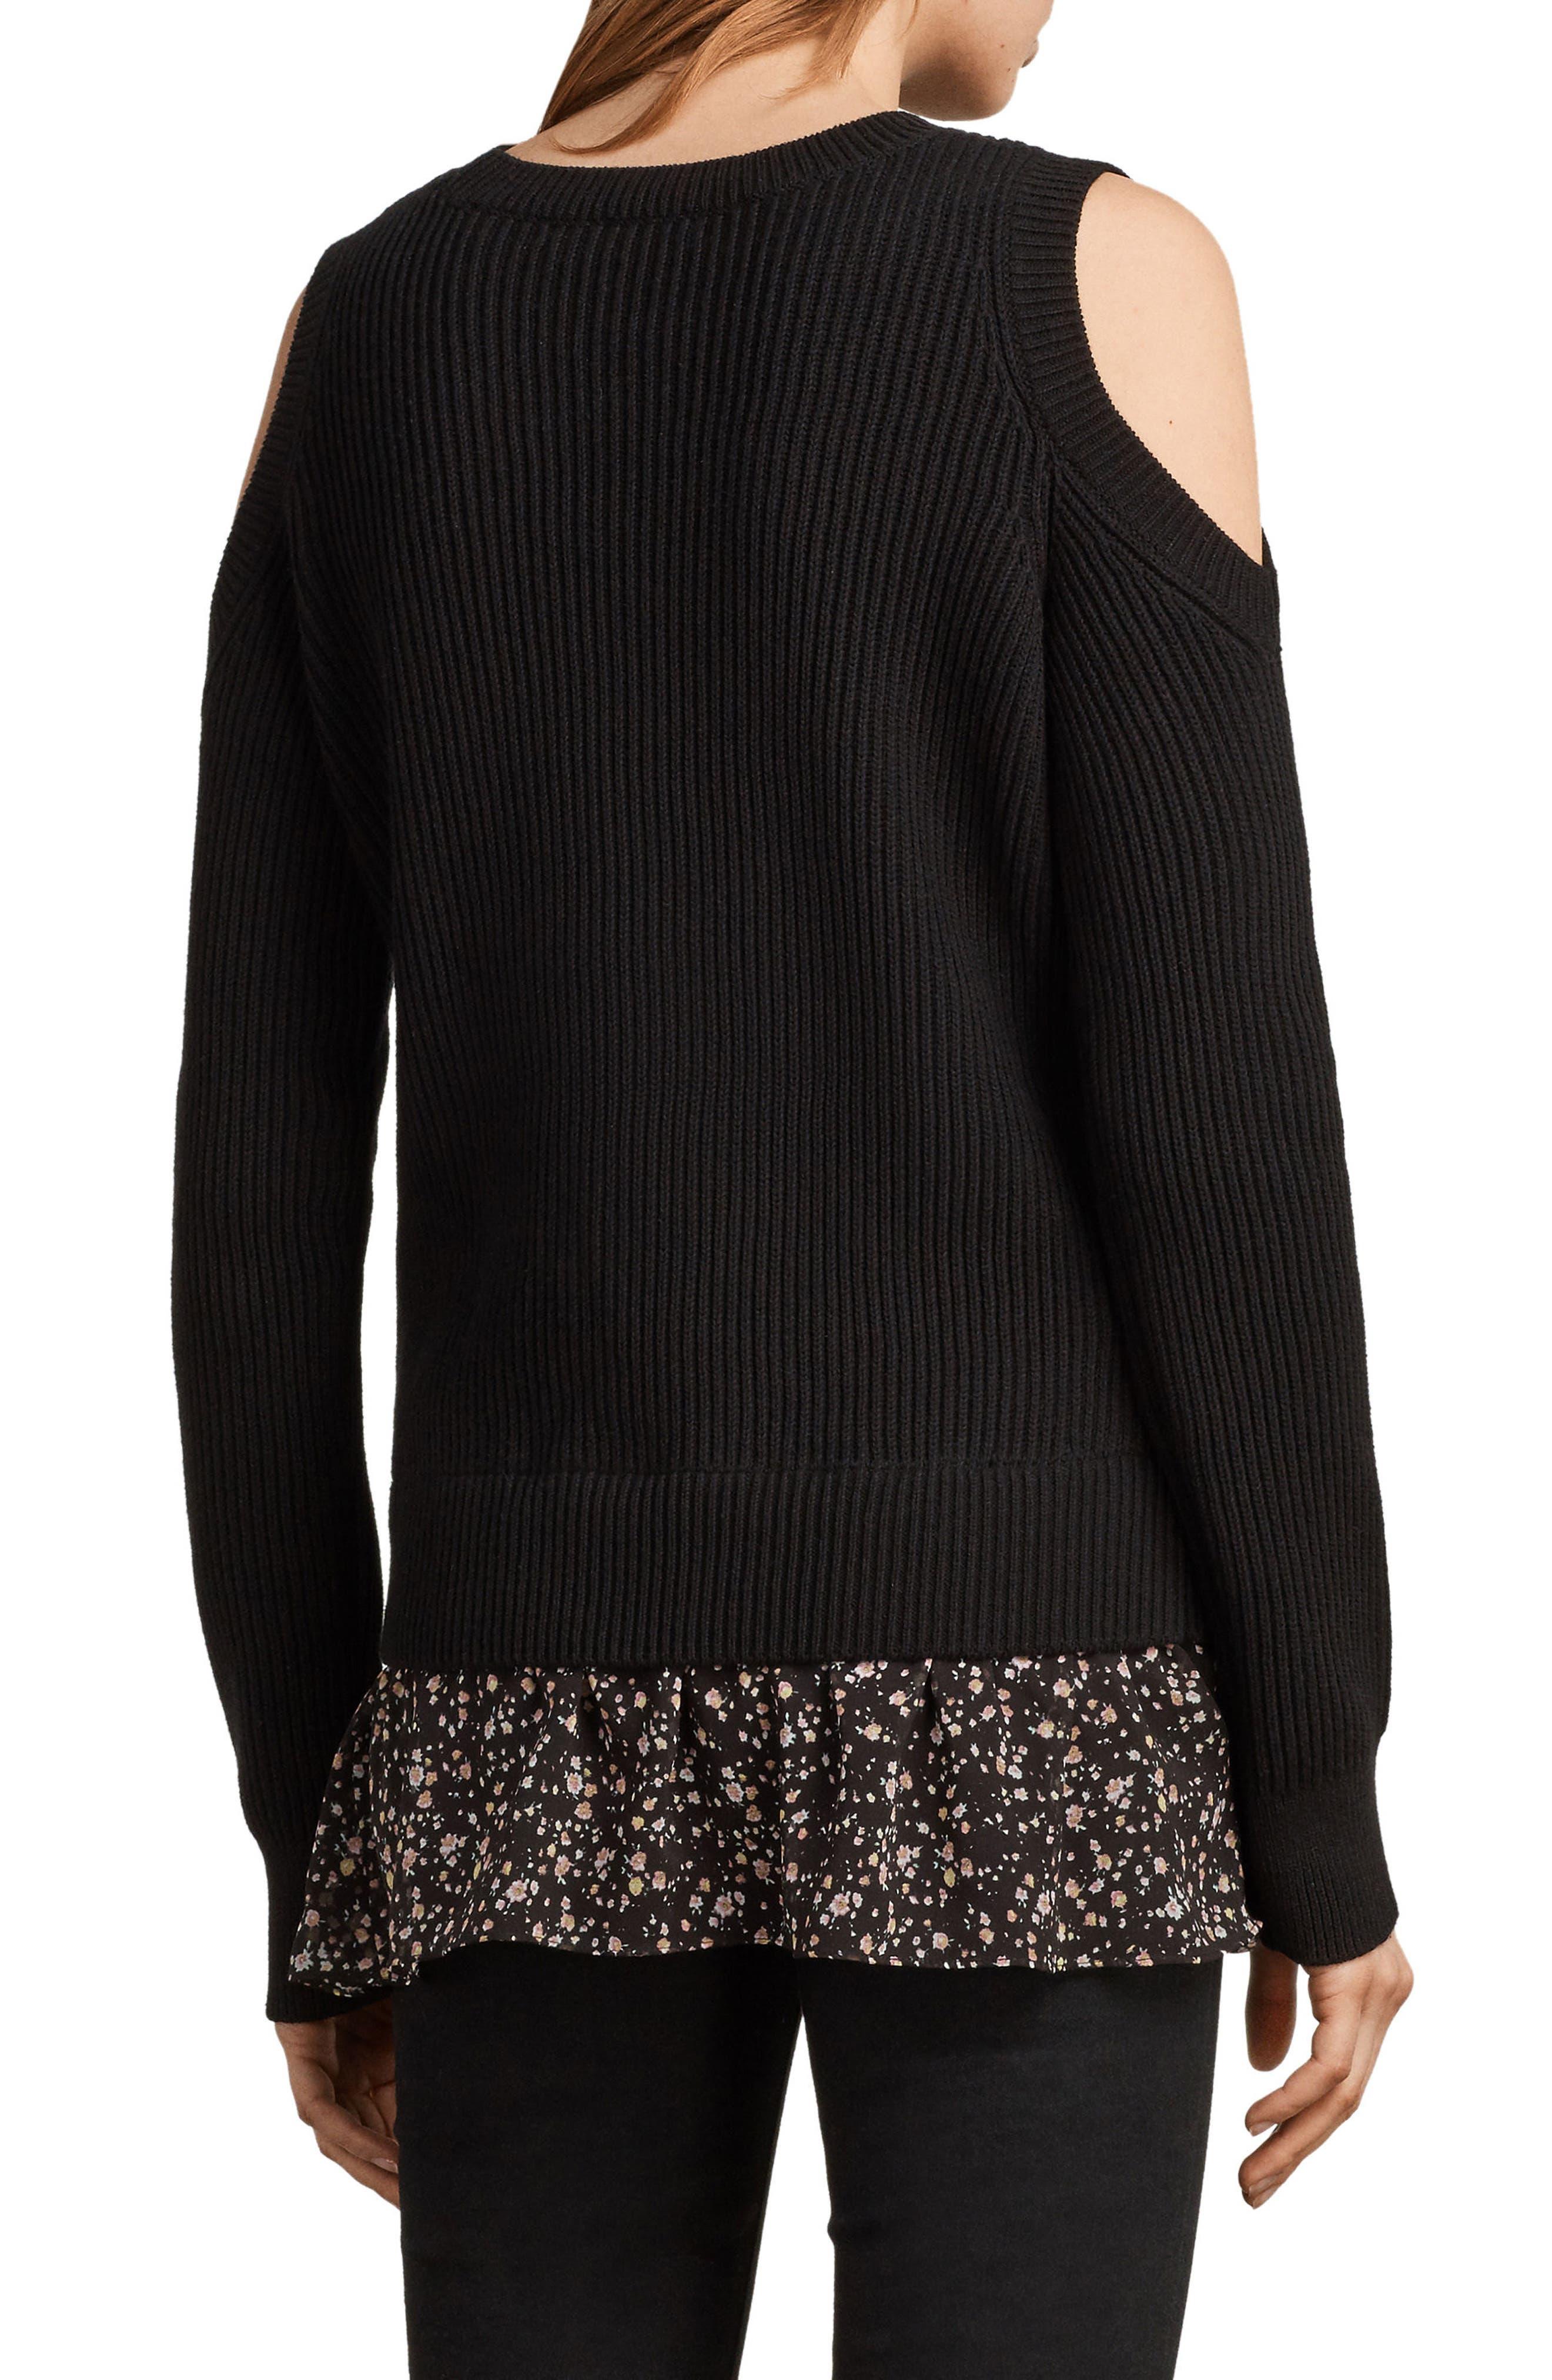 Pepper Cold Shoulder Sweater,                             Alternate thumbnail 2, color,                             Black